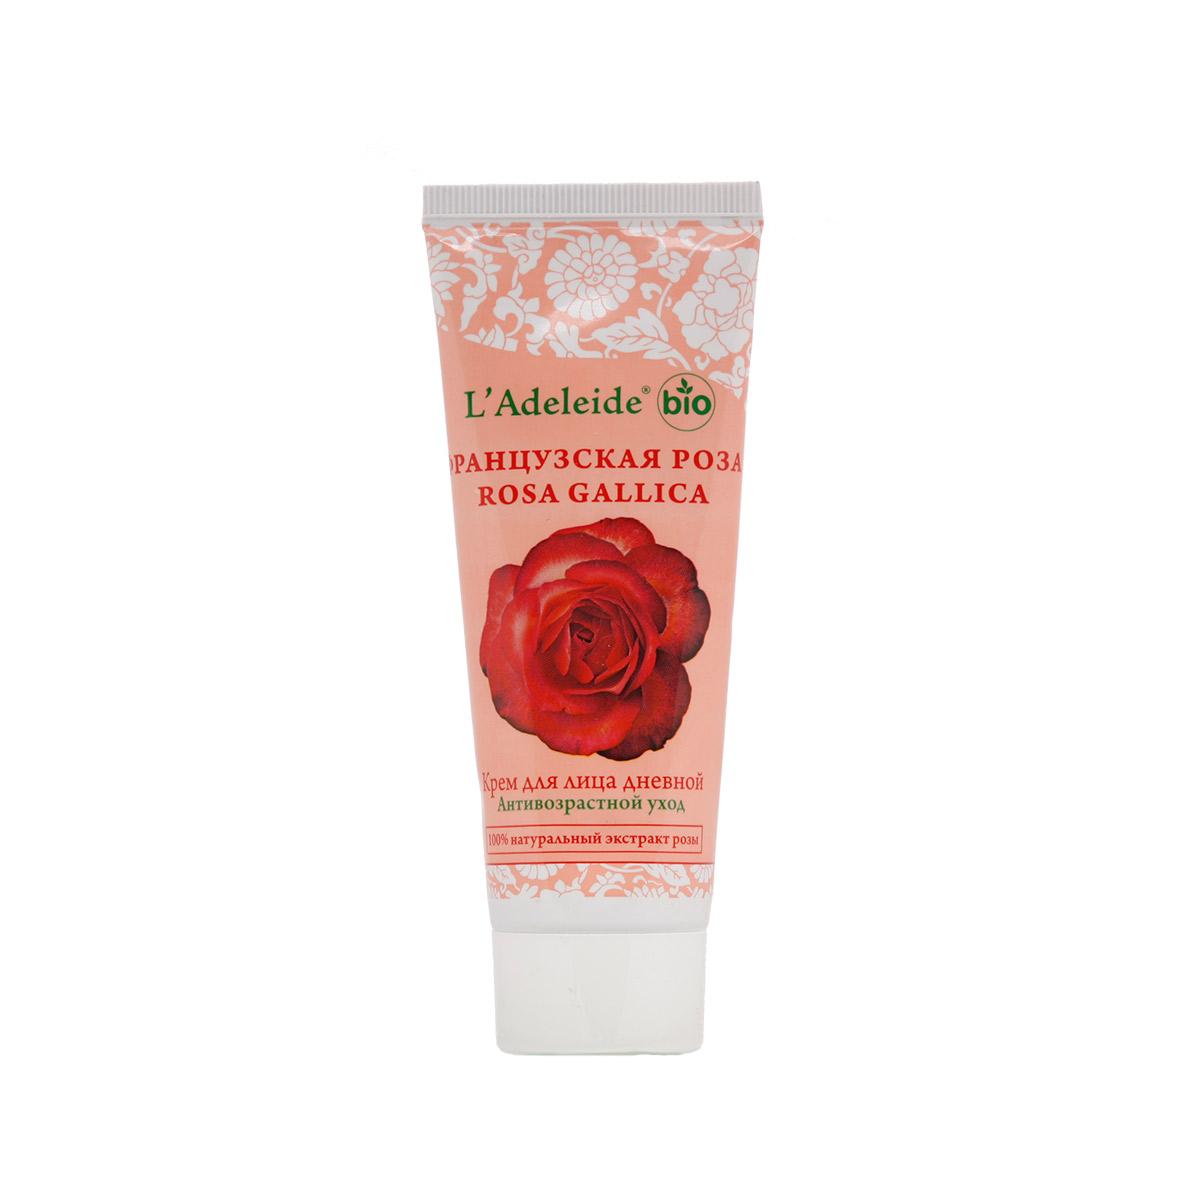 LAdeleide Крем для лица дневной Французская роза Антивозрастной, 75 млКС-097Французская роза – это линия компании L'Adeleide на основе натурального экстракта французской розы, волшебным эффектом которого пользуются многие столетия жительницы Cредиземноморья. Французская роза известна своим регенерирующим и омолаживающим эффектом. Благодаря последним технологиям, L'Adeleide смог передать сильный эффект экстракта. Косметический крем для лица Французская роза легко впитывается, устраняет все признаки уставшей кожи: успокаивает, увлажняет и питает. Сбалансированная формула крема содержит дистиллят розы и важнейшие витамины F и E. Крем способствует поддержанию эластичности и упругости кожи. В составе - комплекс Hydrovance, который обеспечивает тотальное увлажнение кожи за счет своего проникновения даже в самые глубокие слои эпидермиса. Hydrovance уменьшает раздражения и воспаления сухой кожи и повышает эластичность. Применение крема стимулирует клеточную регенерацию, препятствует возникновению морщин, способствует разглаживанию мелких морщин, повышает защитные свойства кожи, выравнивает цвет, нормализует активность сальных желез.